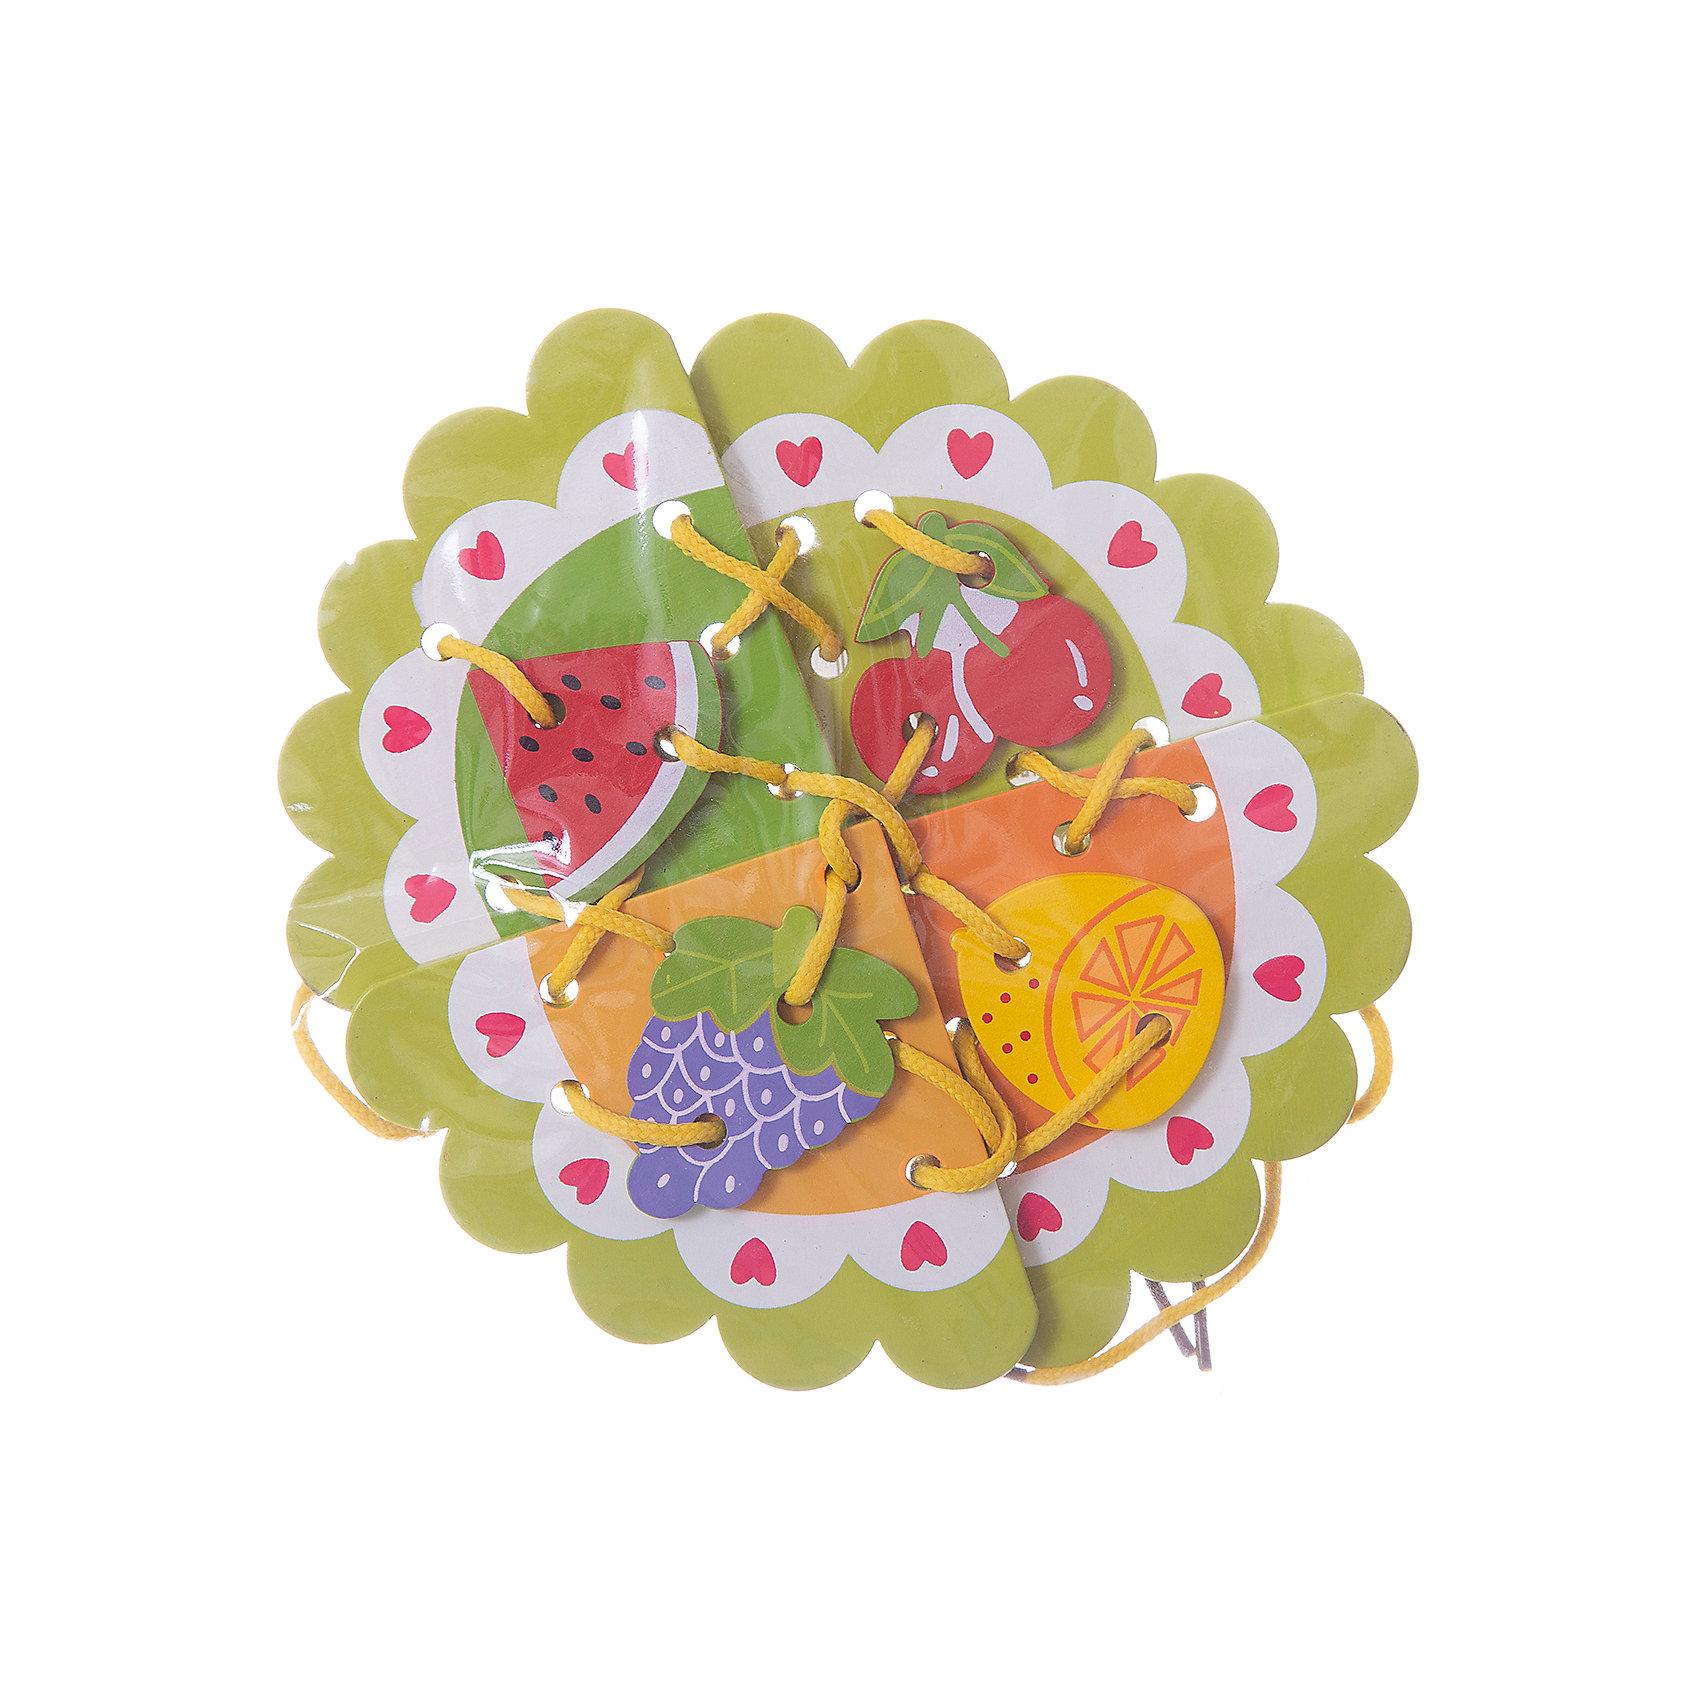 Шнуровка Фрукты, MapachaШнуровки – вид развивающих игрушек, которые обучают ребенка практическим навыкам. Шнуровка научит обращаться со шнурками, завязывать узелки и бантики. Красивый дизайн игрушки, интересный рисунок, экологический материал, яркие цвета и стильный дизайн сделают модель любимой вещицей у малыша. Игрушка тренирует мелкую моторику, аккуратность, а так же тренирует логику и воображение. Материалы, использованные при изготовлении товара, абсолютно безопасны и отвечают всем международным требованиям по качеству.<br><br>Дополнительные характеристики:<br><br>материал: натуральное дерево, текстиль;<br>цвет: разноцветный;<br>габариты: 18 X 1 X 23 см.<br><br>Шнуровку Фрукты от компании Mapacha можно приобрести в нашем магазине.<br><br>Ширина мм: 420<br>Глубина мм: 410<br>Высота мм: 360<br>Вес г: 94<br>Возраст от месяцев: 36<br>Возраст до месяцев: 84<br>Пол: Унисекс<br>Возраст: Детский<br>SKU: 5032506